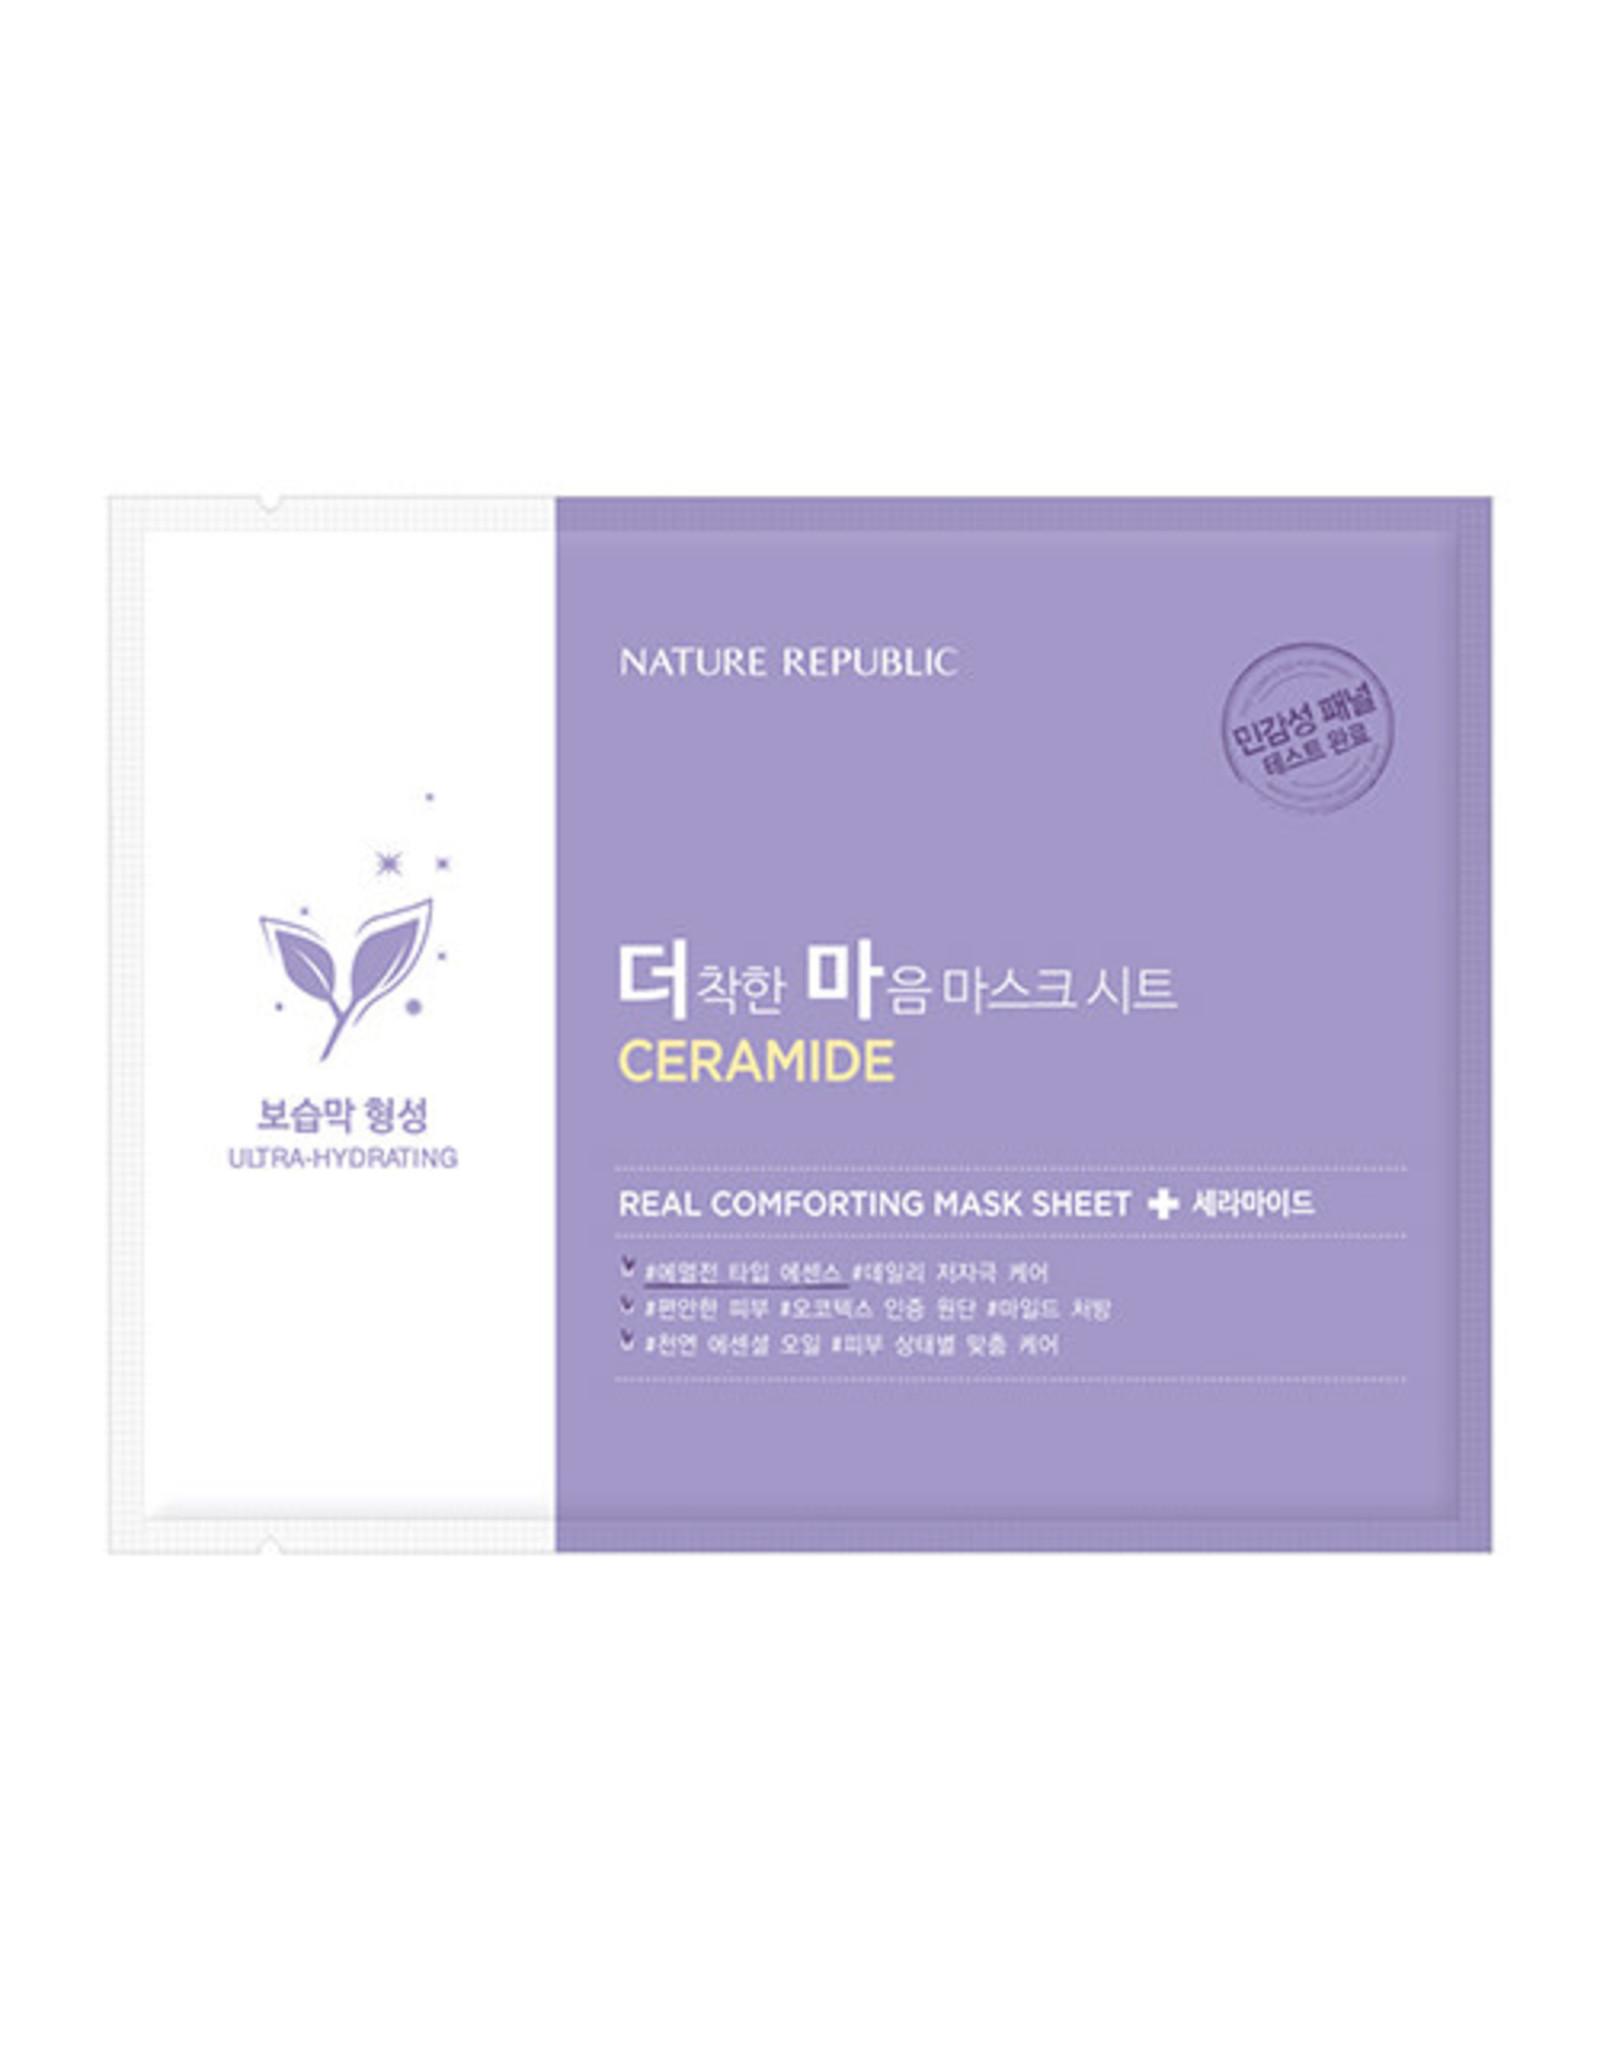 Real Comforting Mask Sheet Ceramide (Orig $1.90)